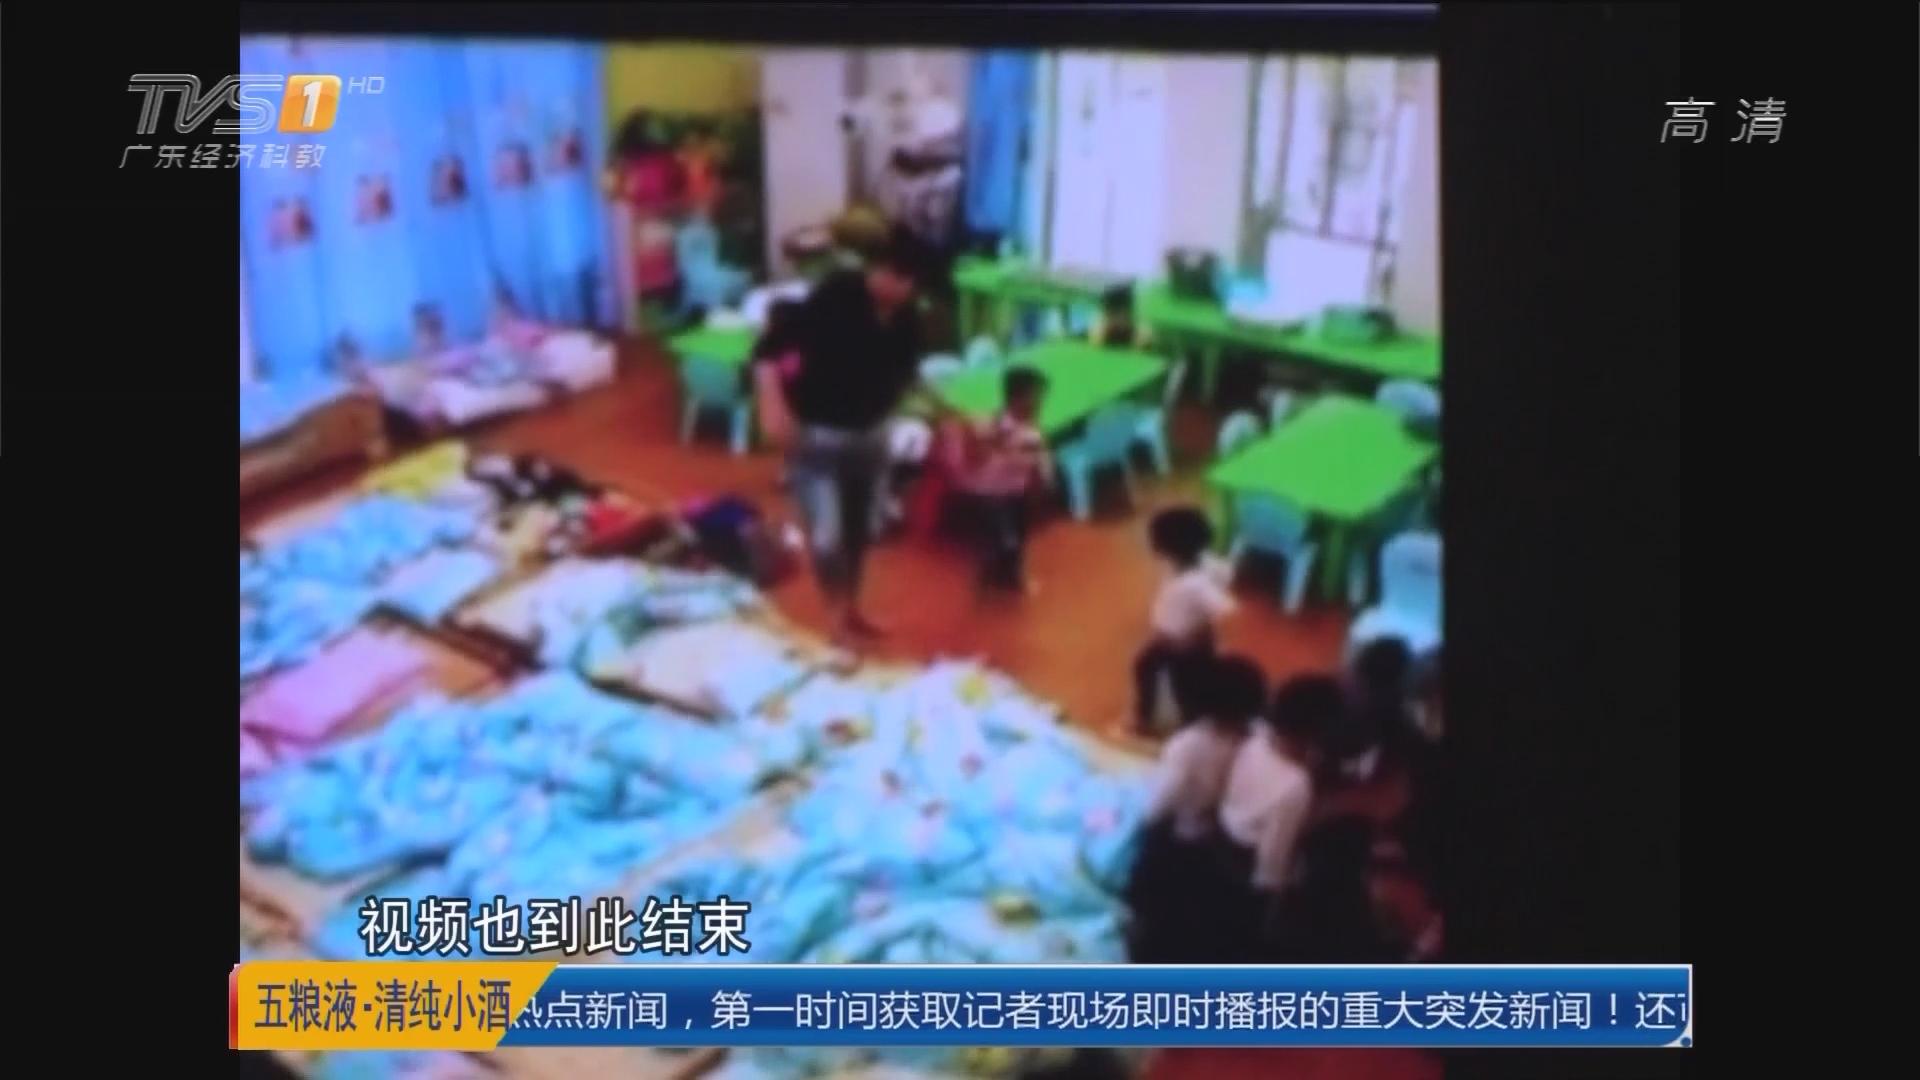 汕头龙湖:掐脖掌掴 虐童幼师被开除